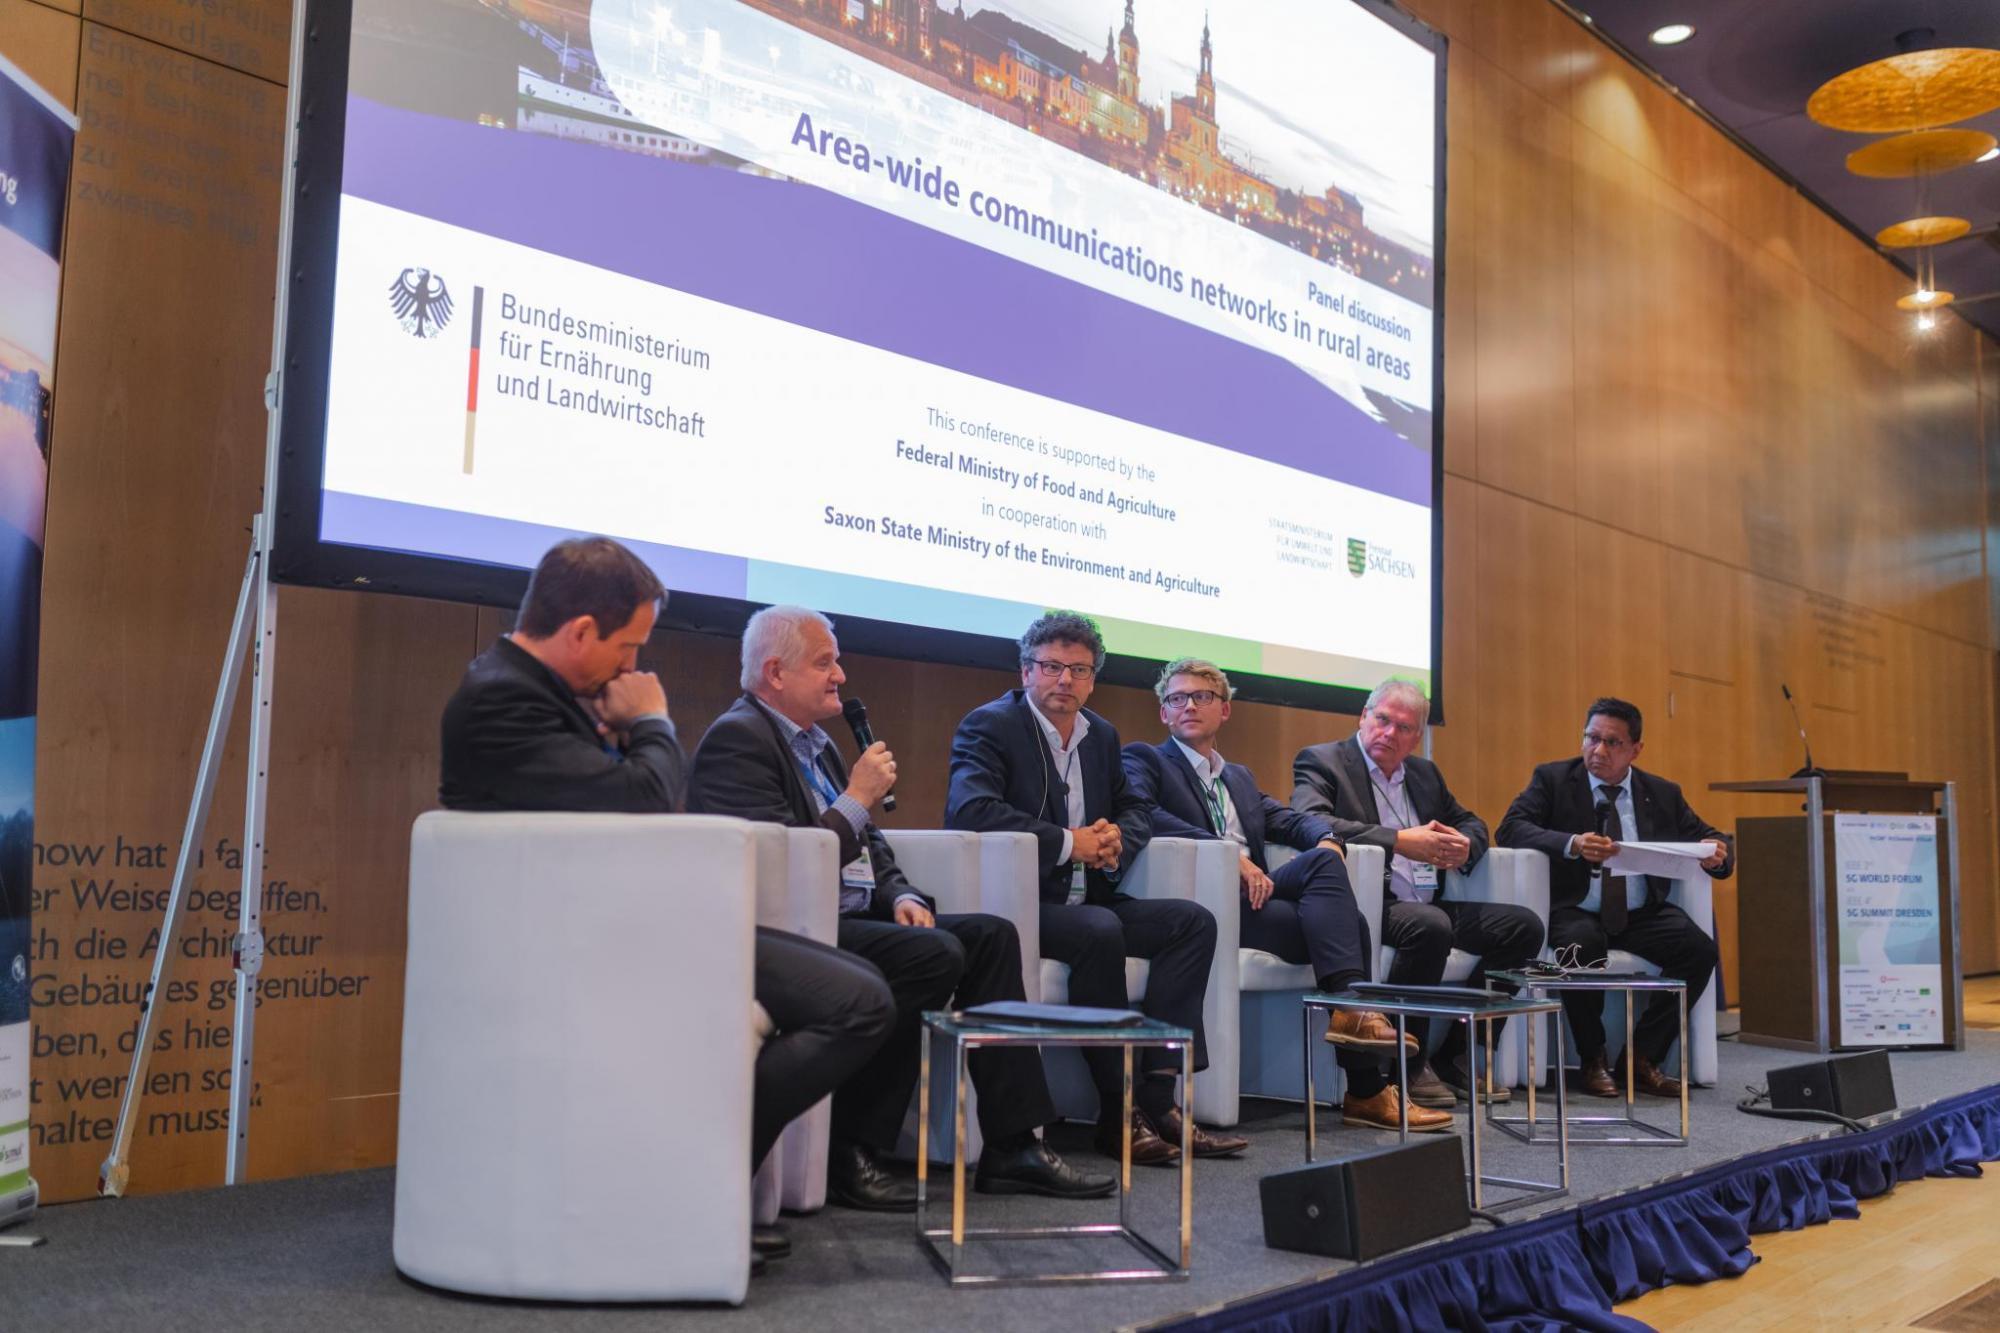 5G Lab Germany gibt Startschuss für die Bildung eines internationalen Netzwerks aus Anwendern, Industrie, Politik und Technologieexperten zum Thema 5G & Digital Farming